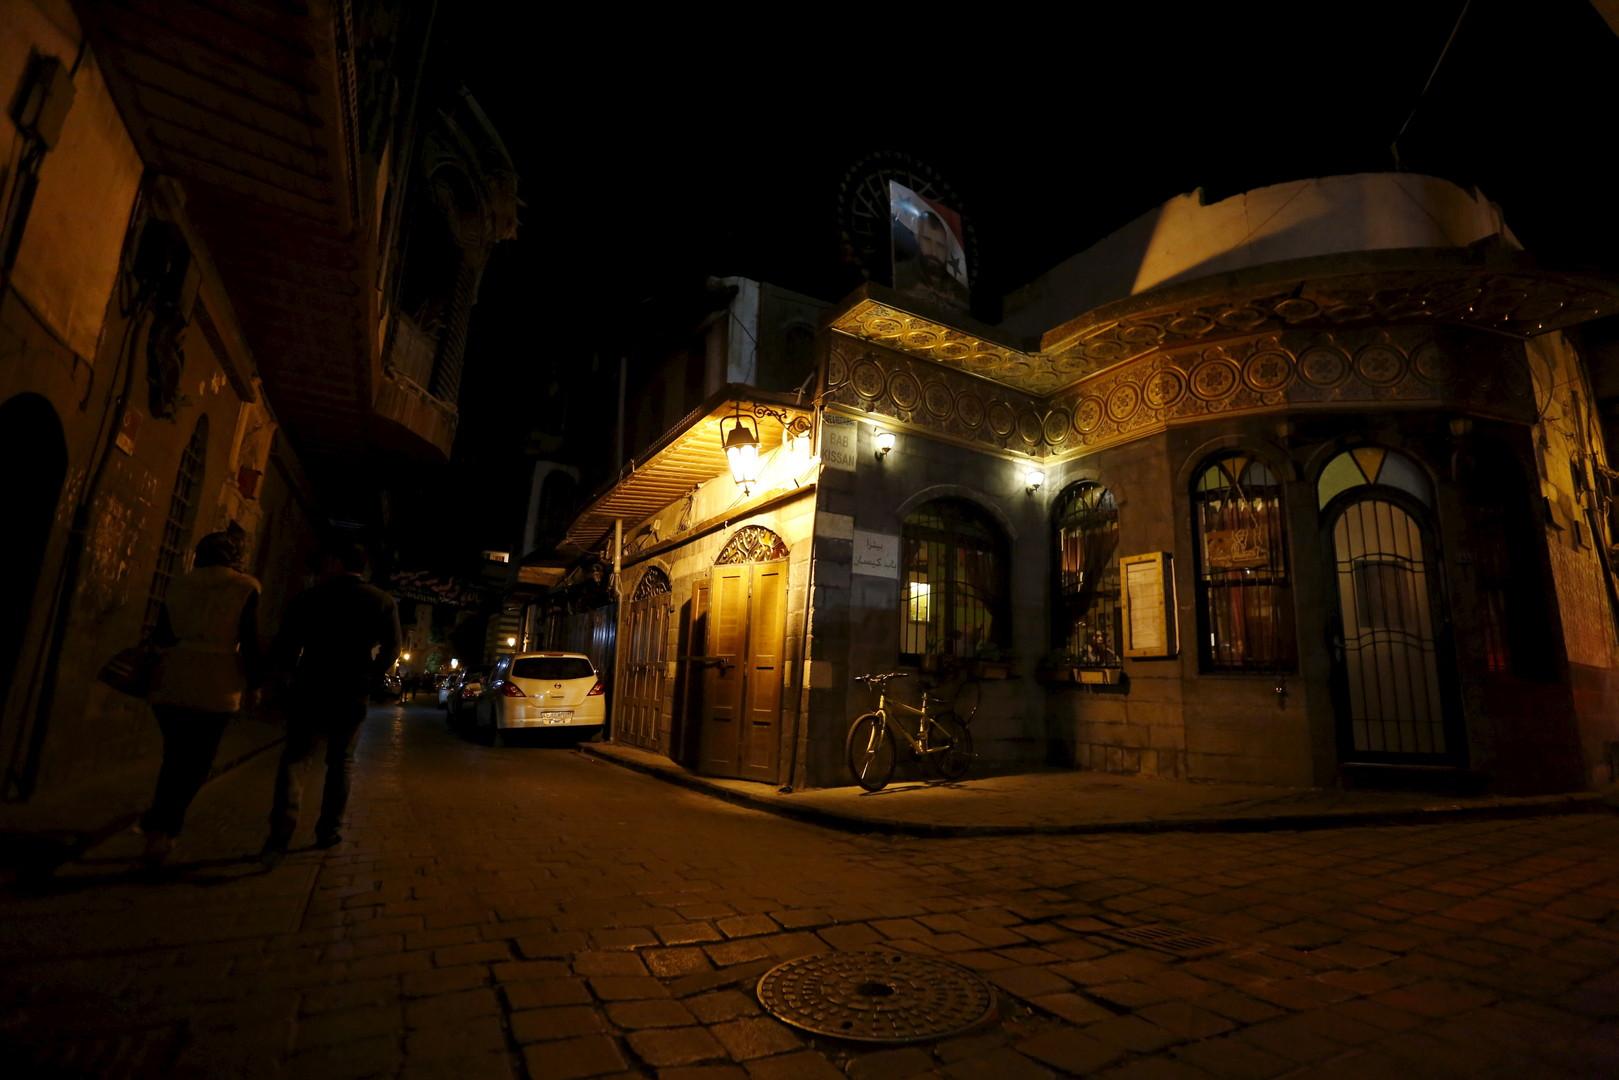 Infolge der russischen Intervention blüht das Nachtleben in Damaskus wieder auf - Bildergalerie